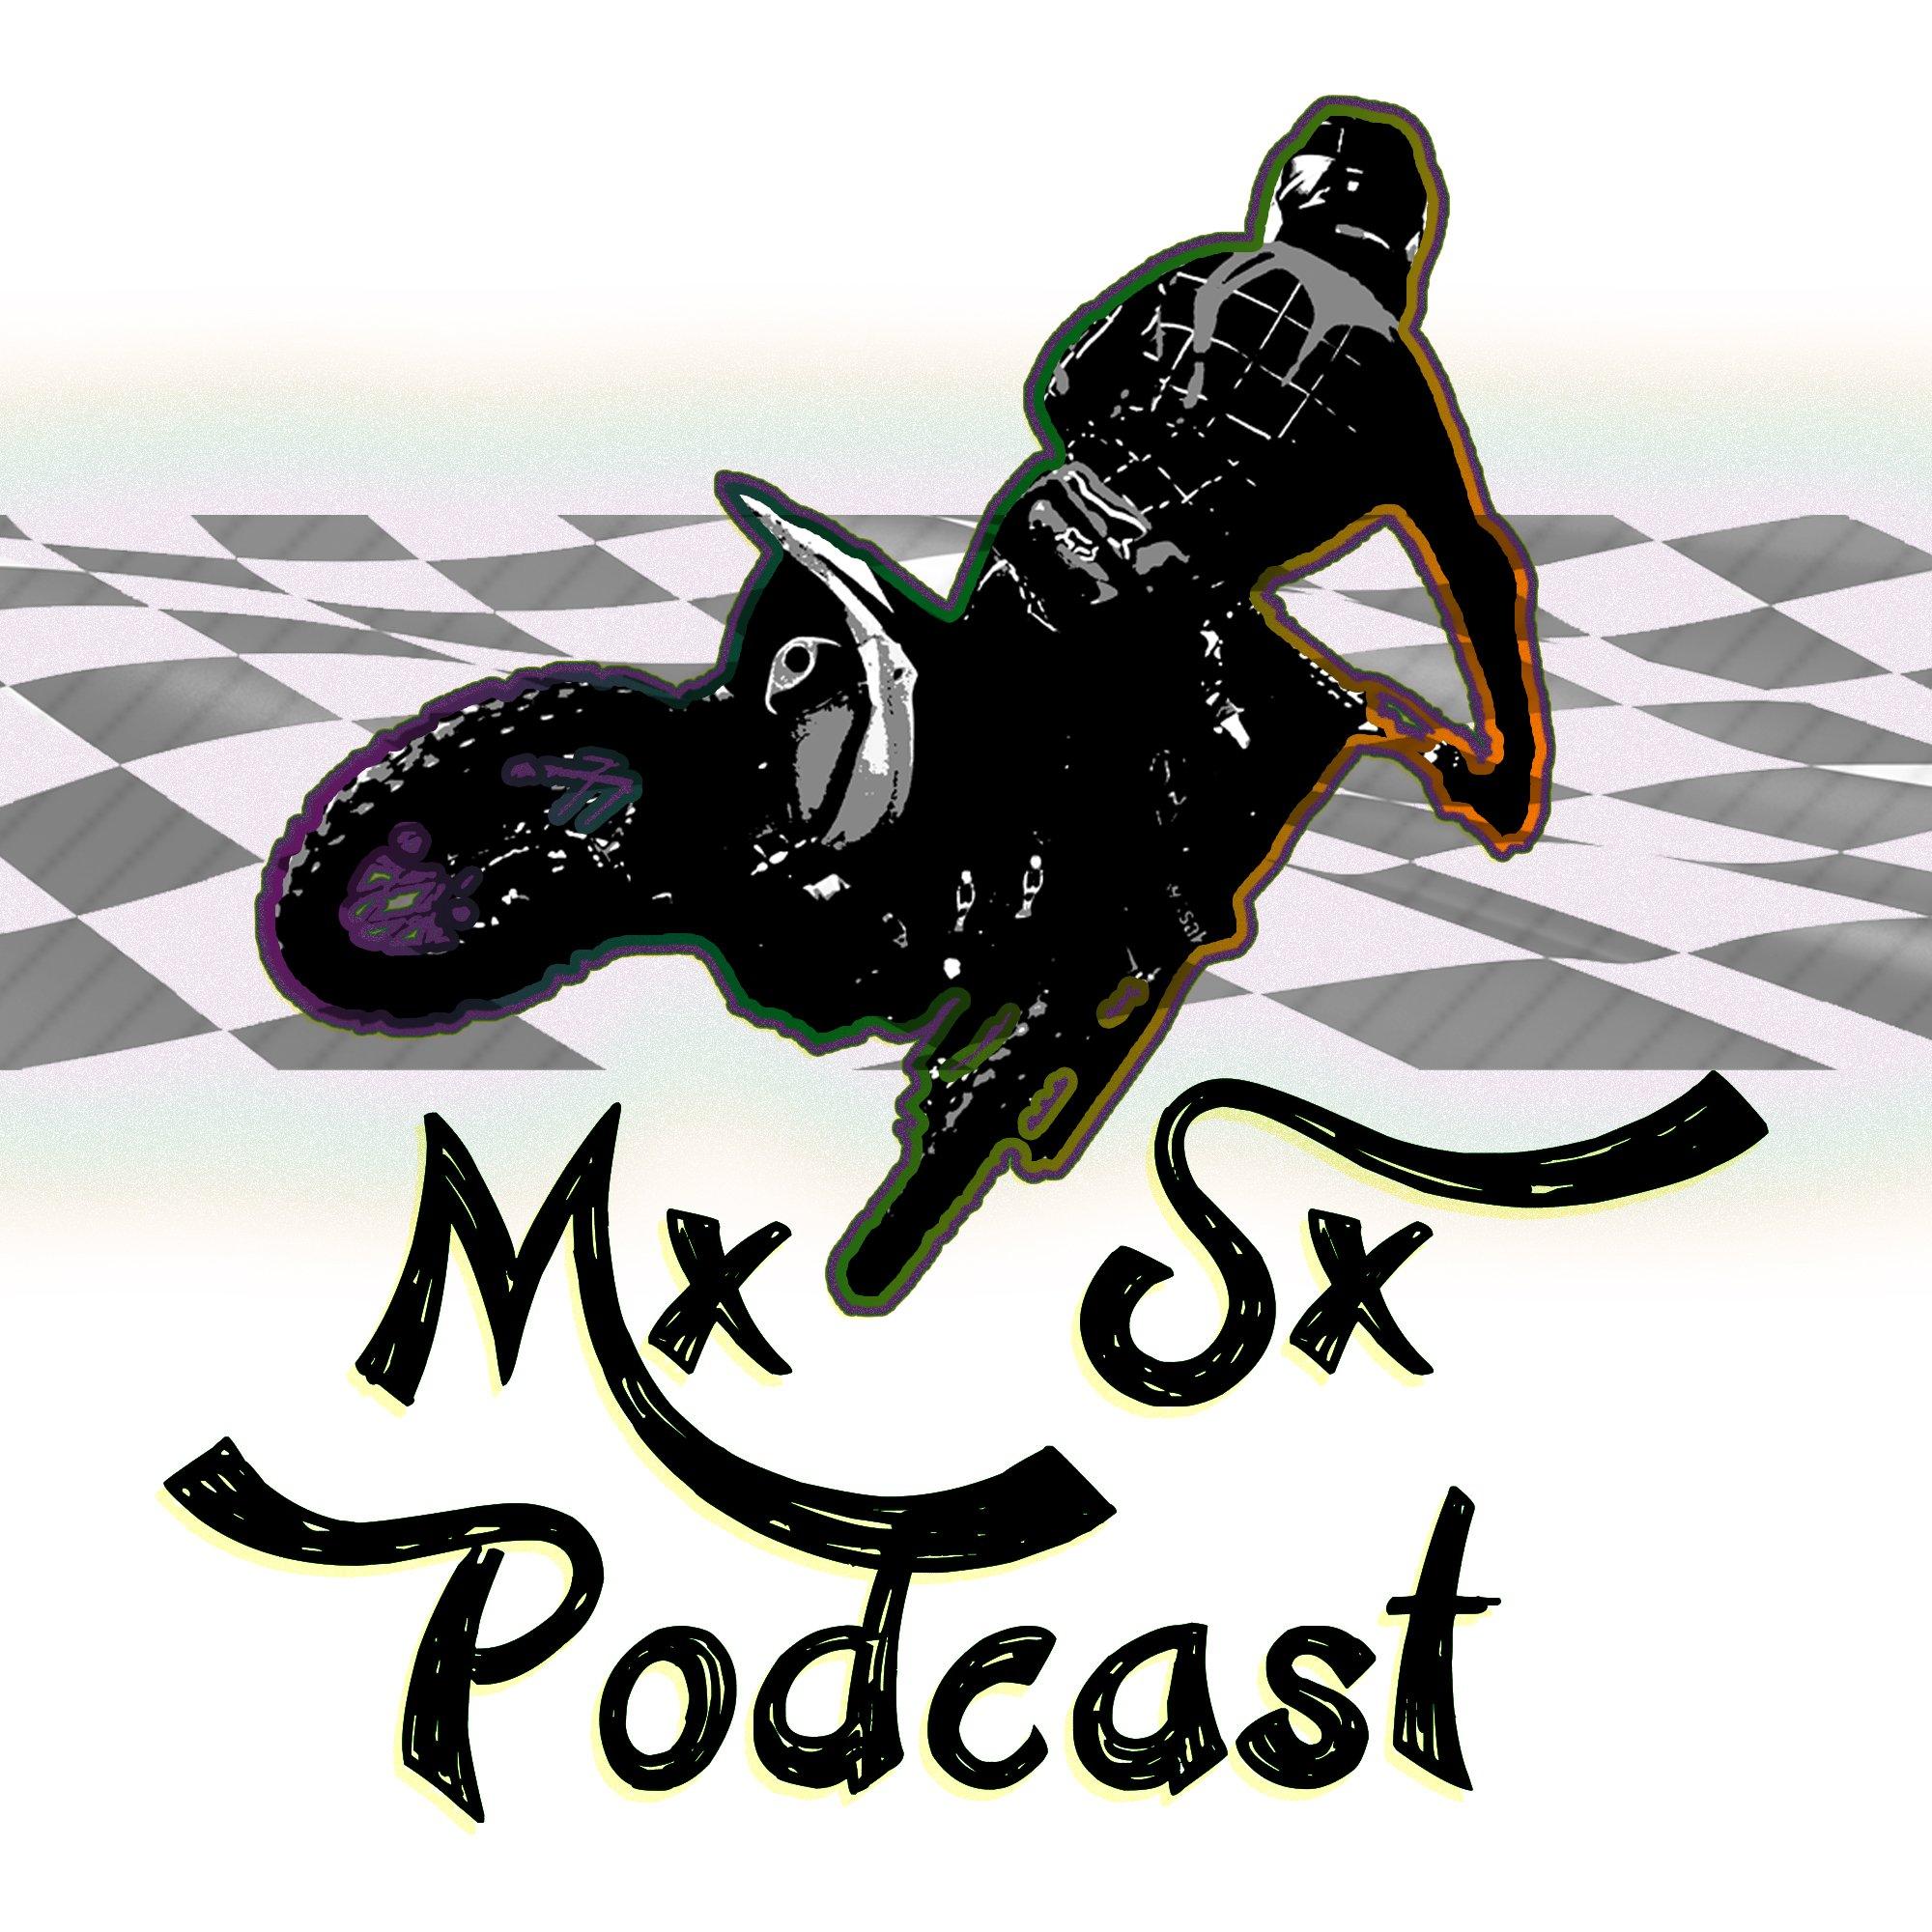 Motocross Supercross Podcast show art